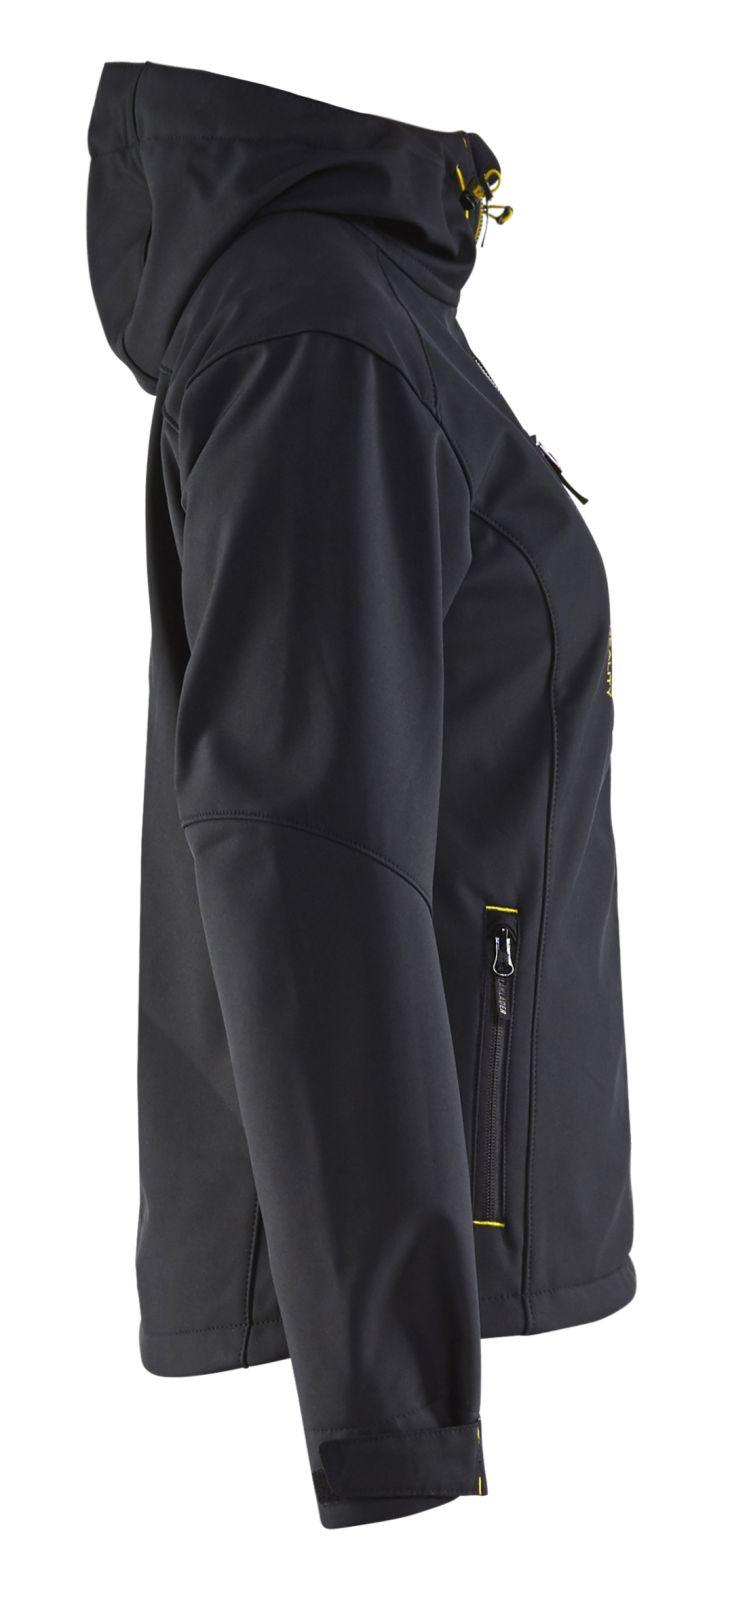 Blaklader Dames softshell jacks 49192517 zwart-fluo geel(9933)